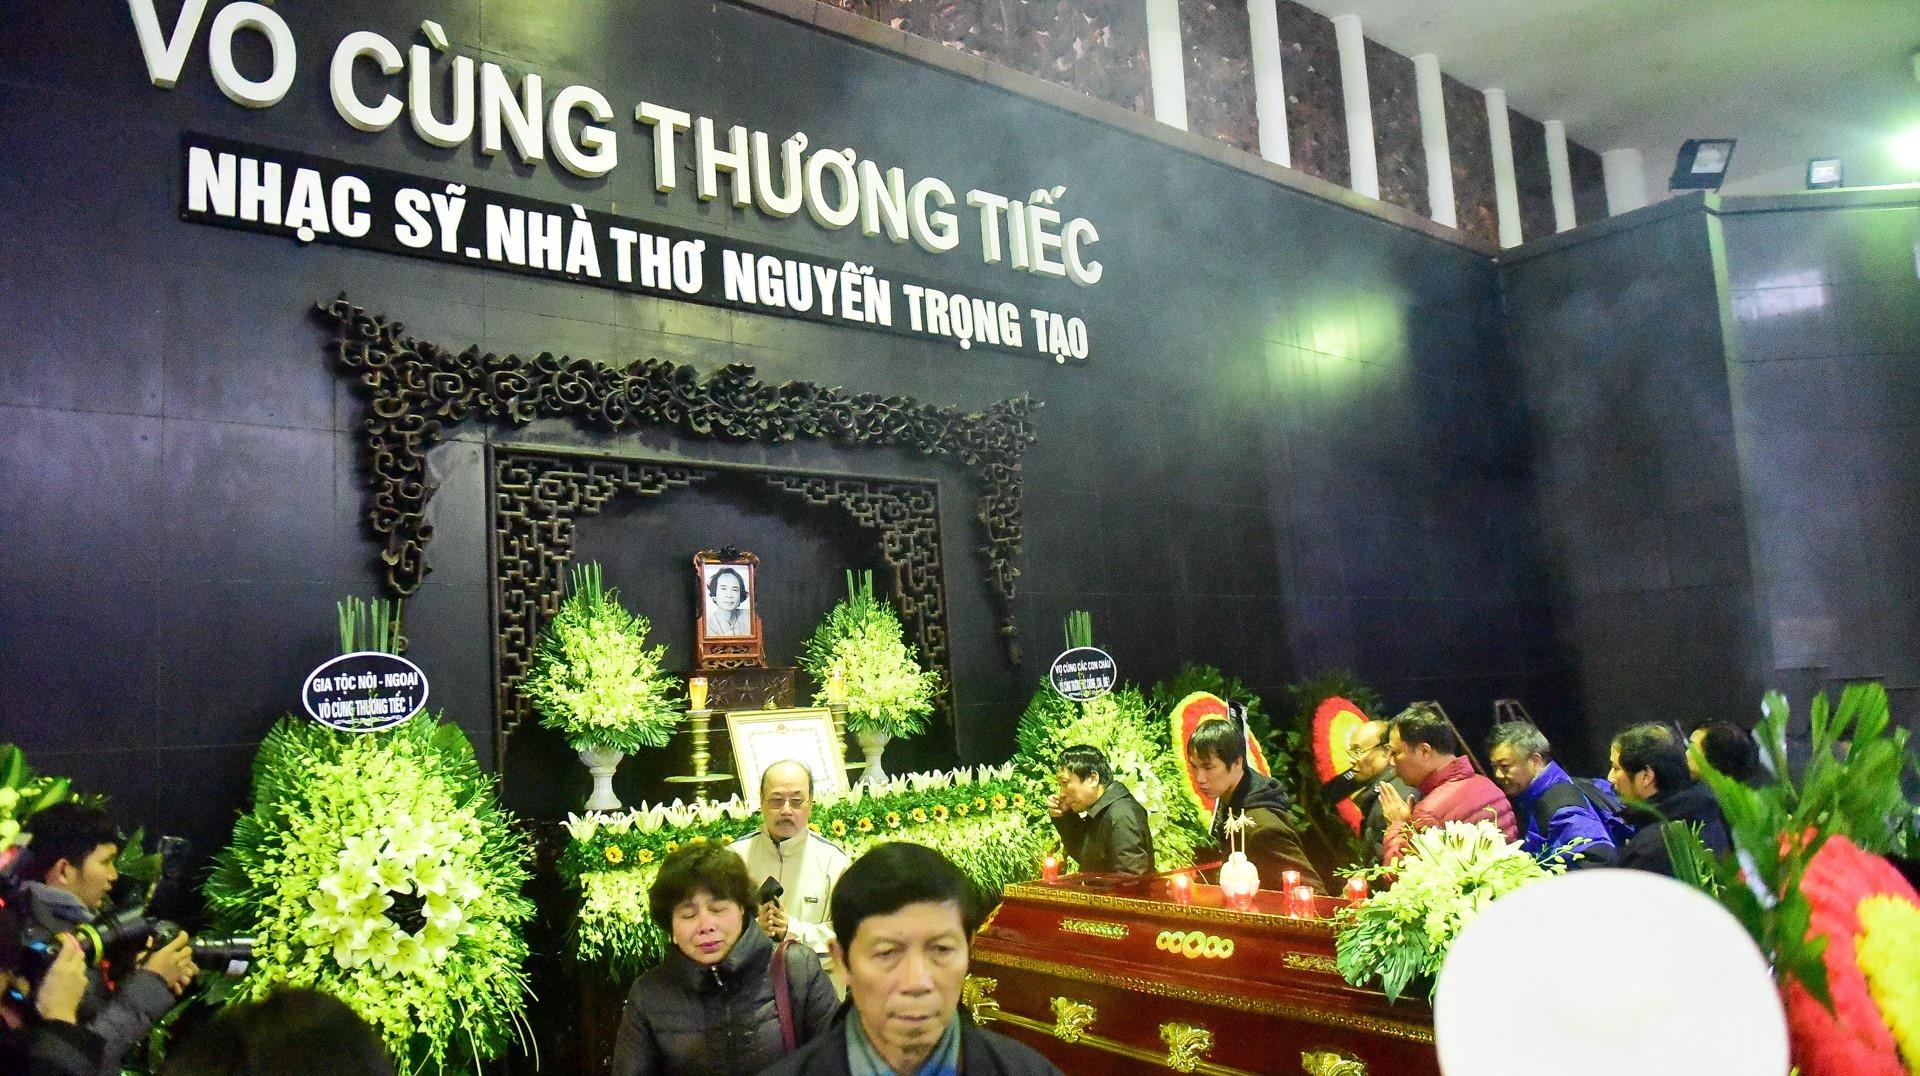 Đông đảo bạn bè, văn nghệ sĩ đến tiễn đưa nhà thơ- nhạc sĩ Nguyễn Trọng Tạo - Ảnh 4.